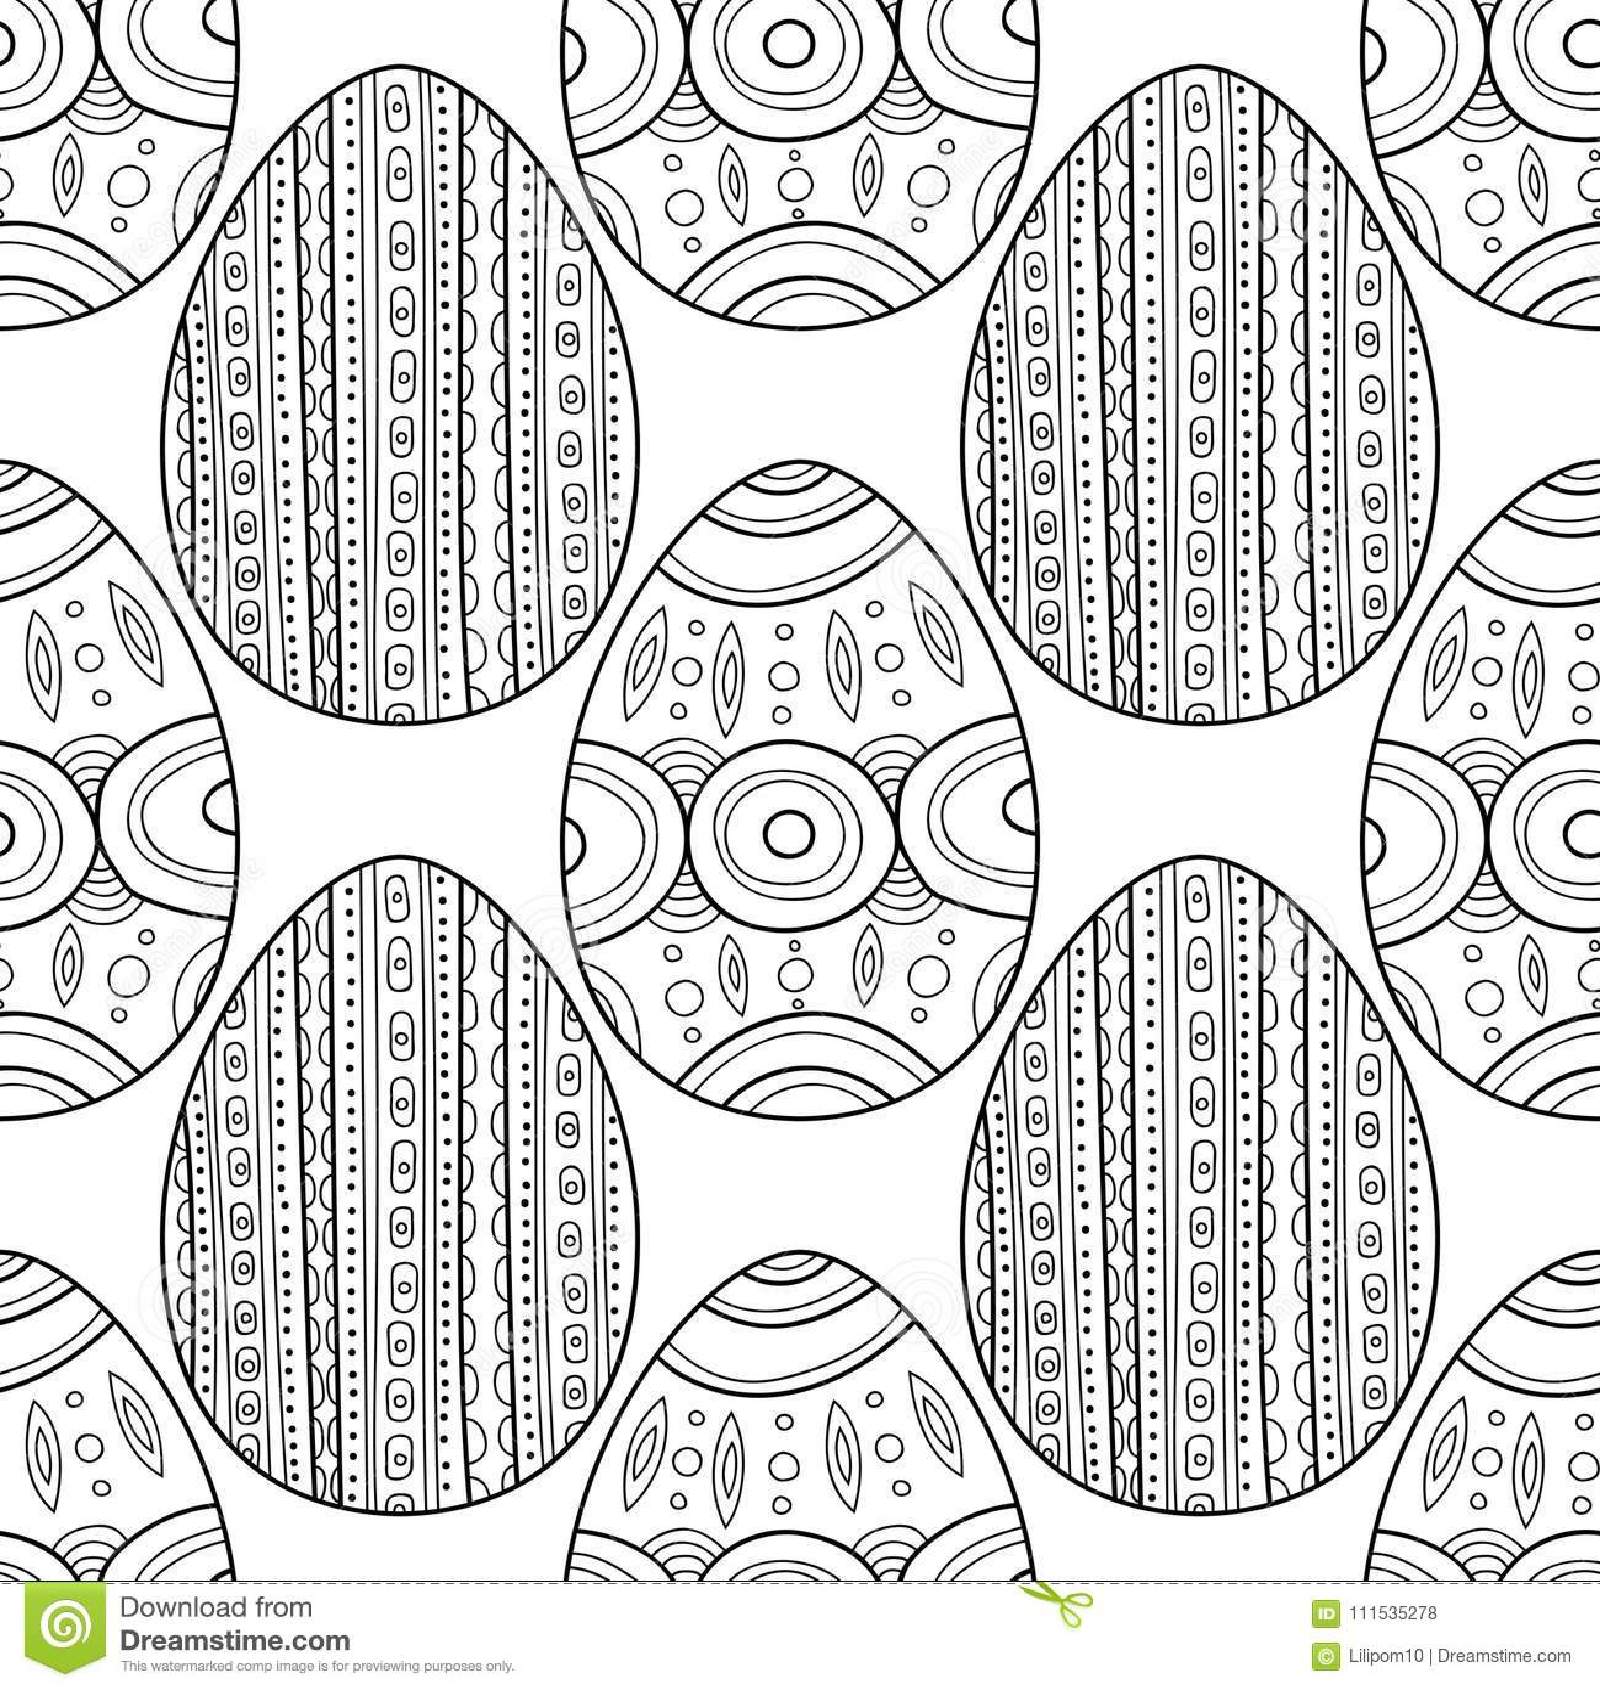 Famoso Colorear Páginas Pascua Componente - Dibujos Para Colorear En ...